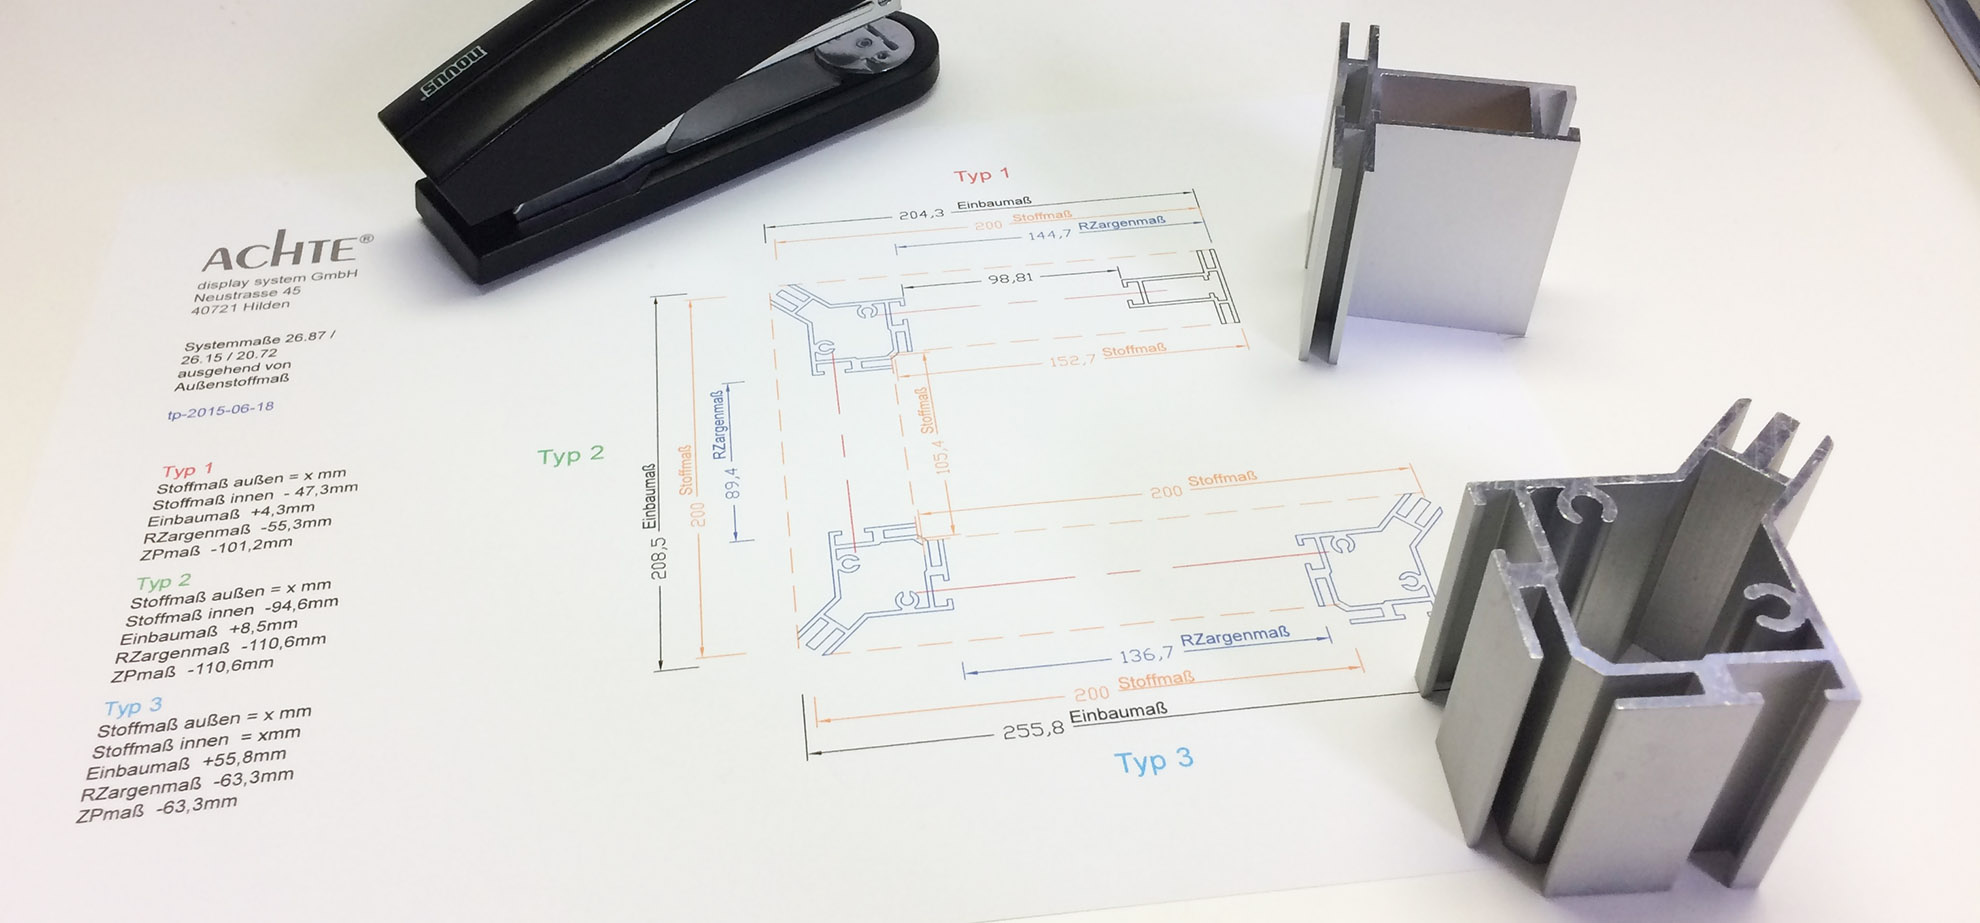 ACHTE technische Zeichnung auf Schreibtisch